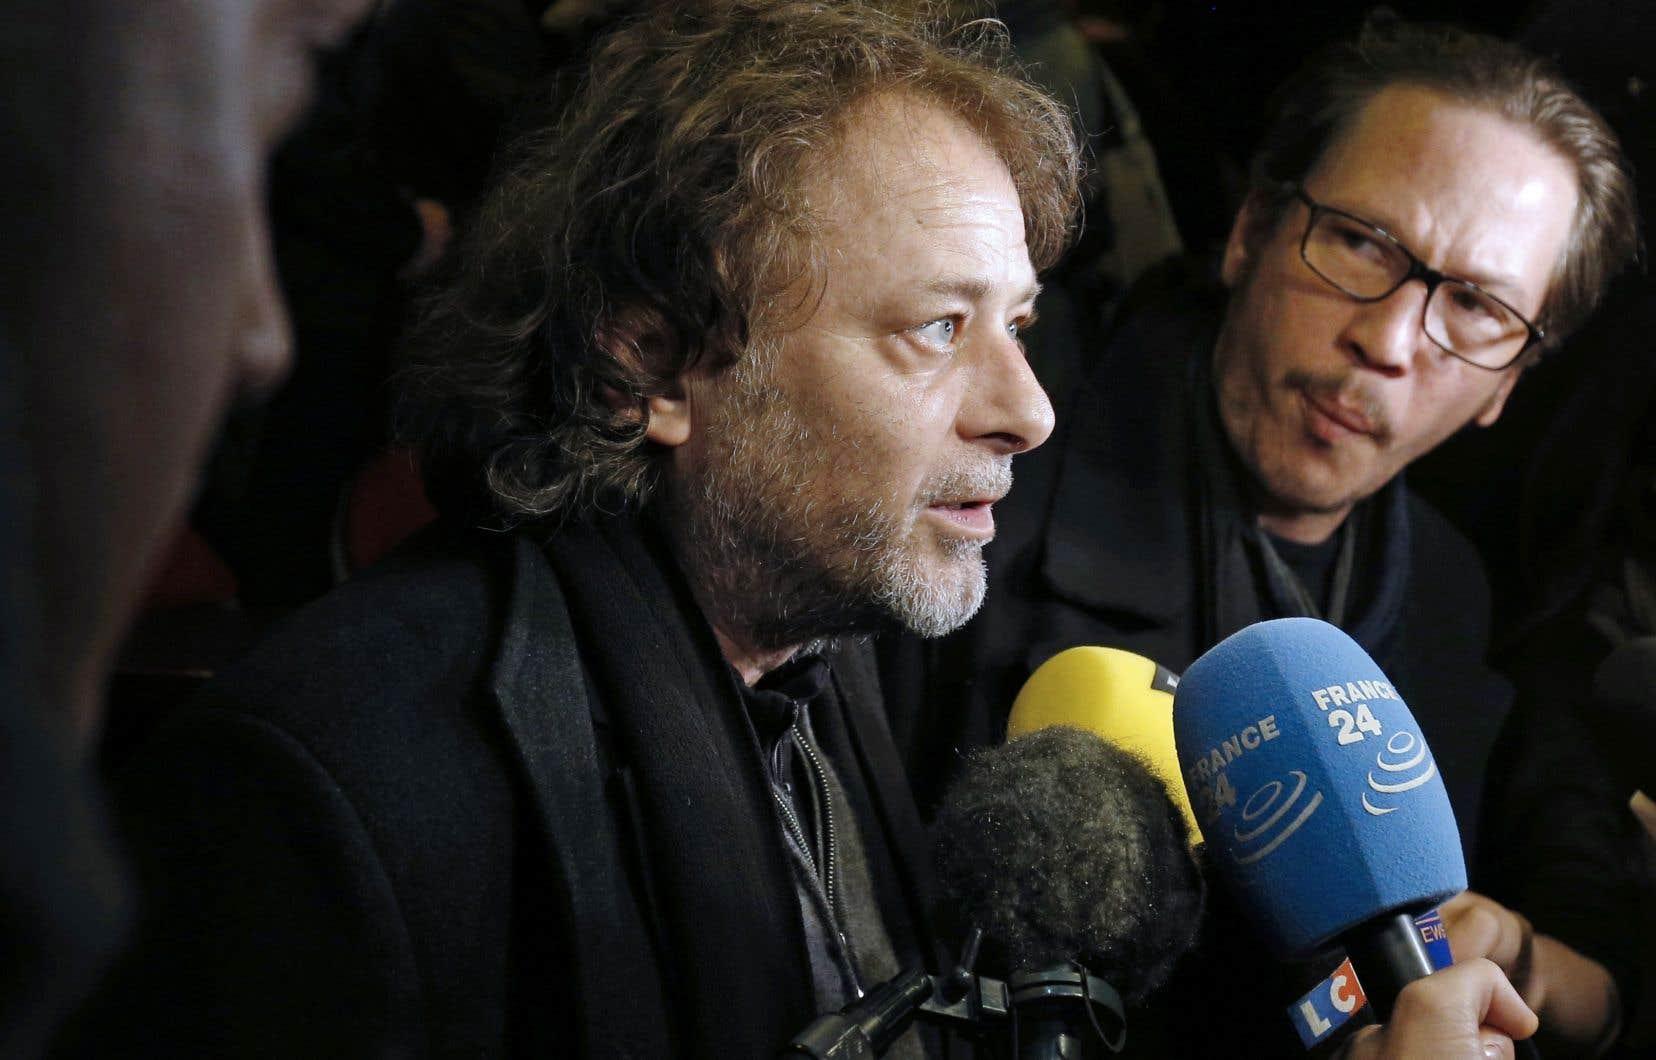 Le réalisateur Christophe Ruggia, photographié en 2015